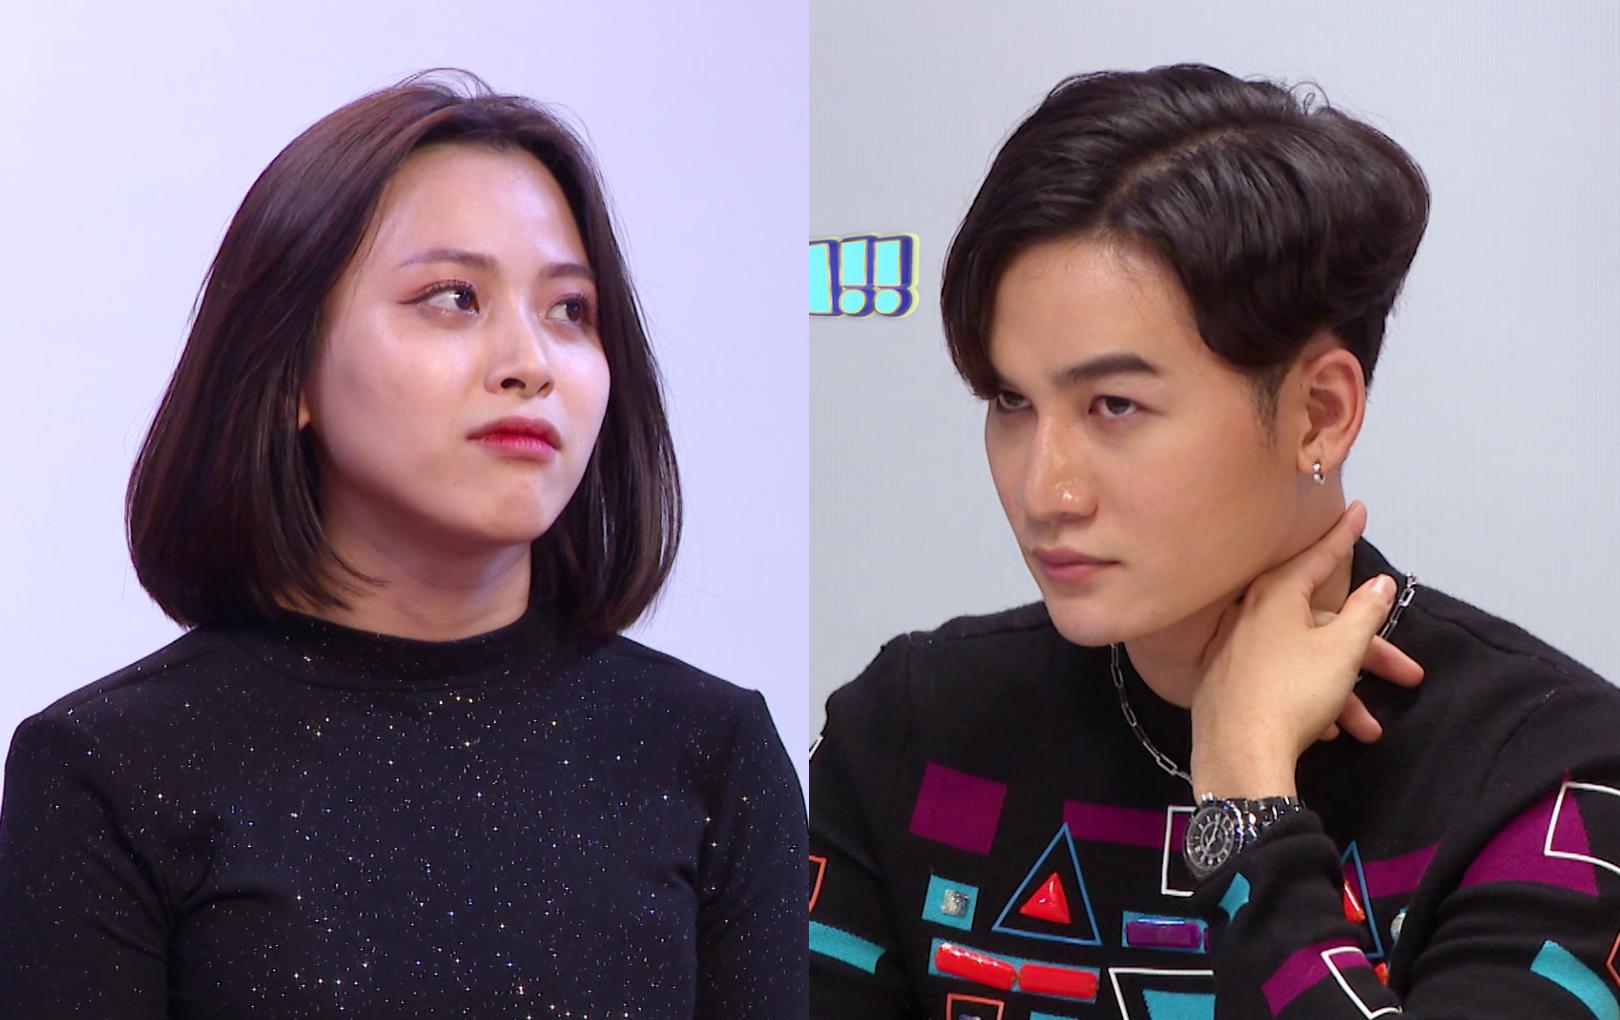 Ali Hoàng Dương thất vọng về màn trình diễn của Linh Mai (SGO48)